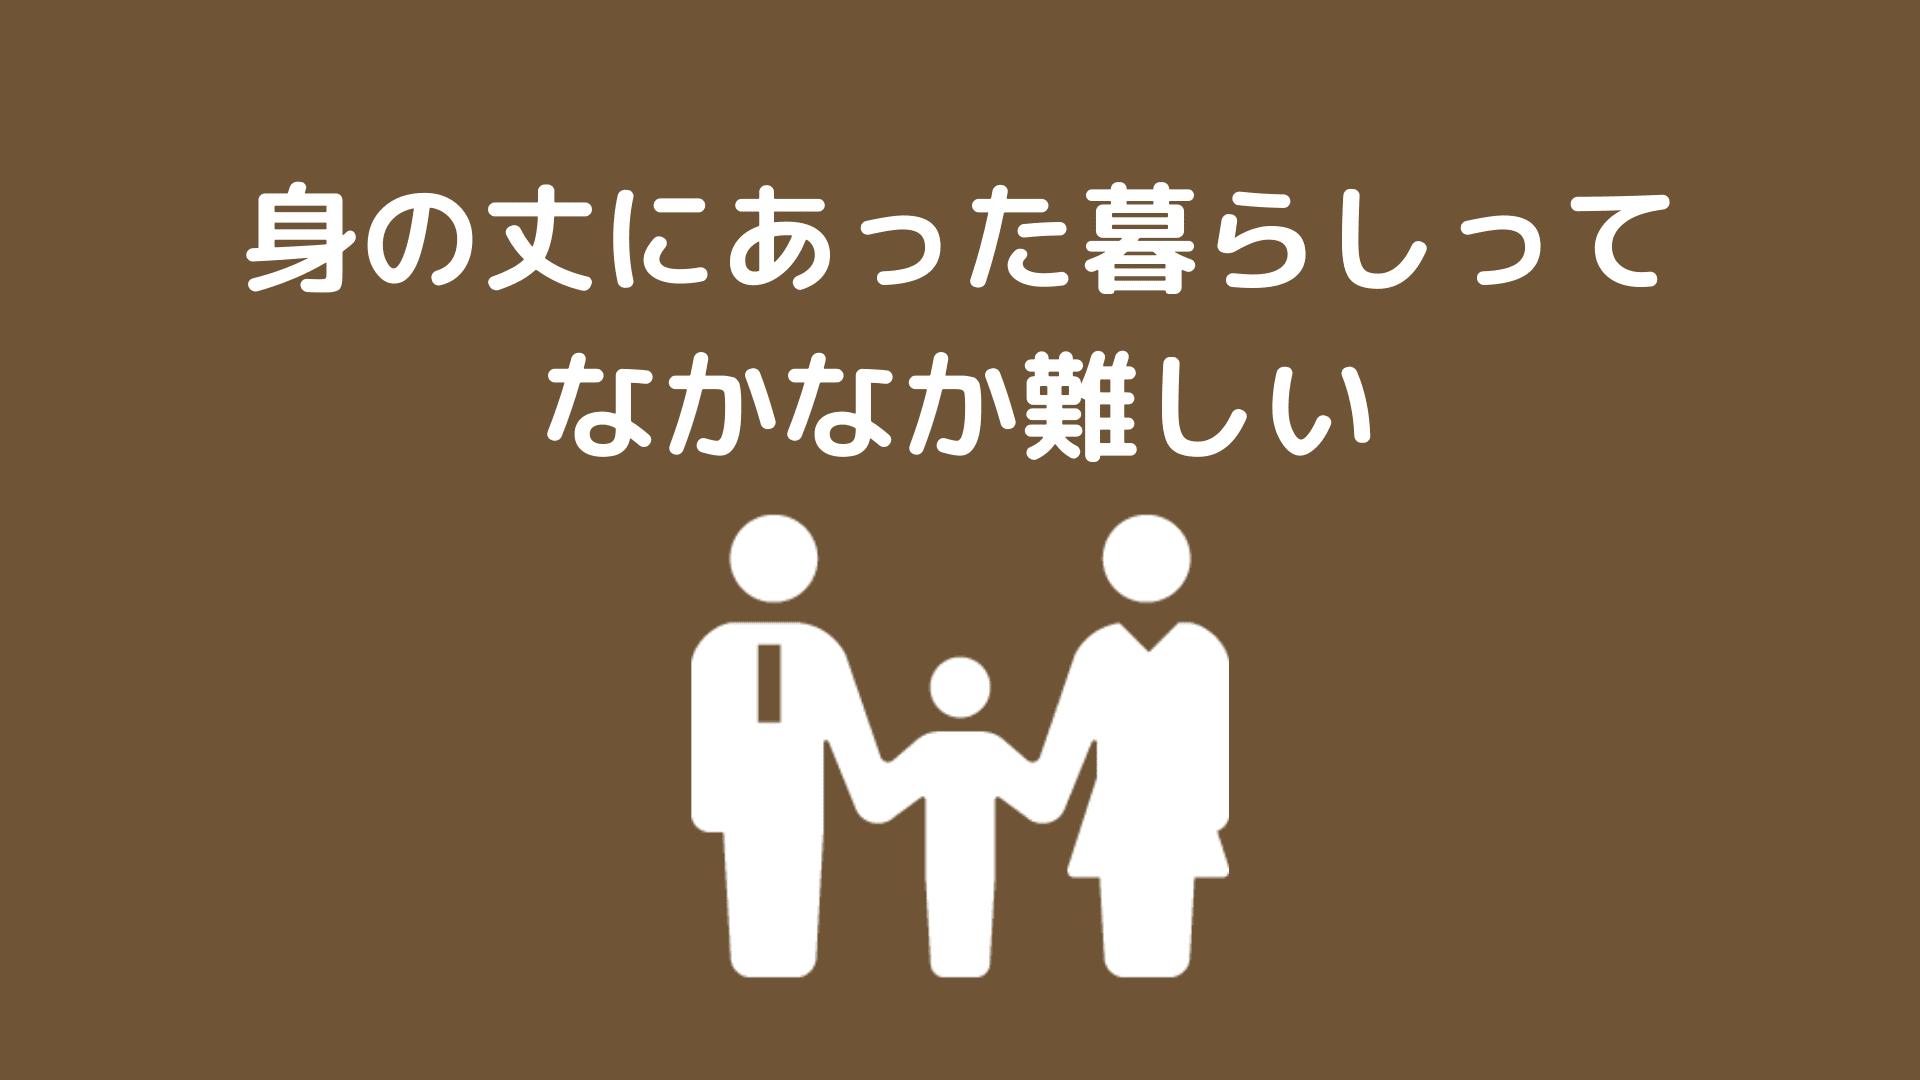 Minorake kurashi